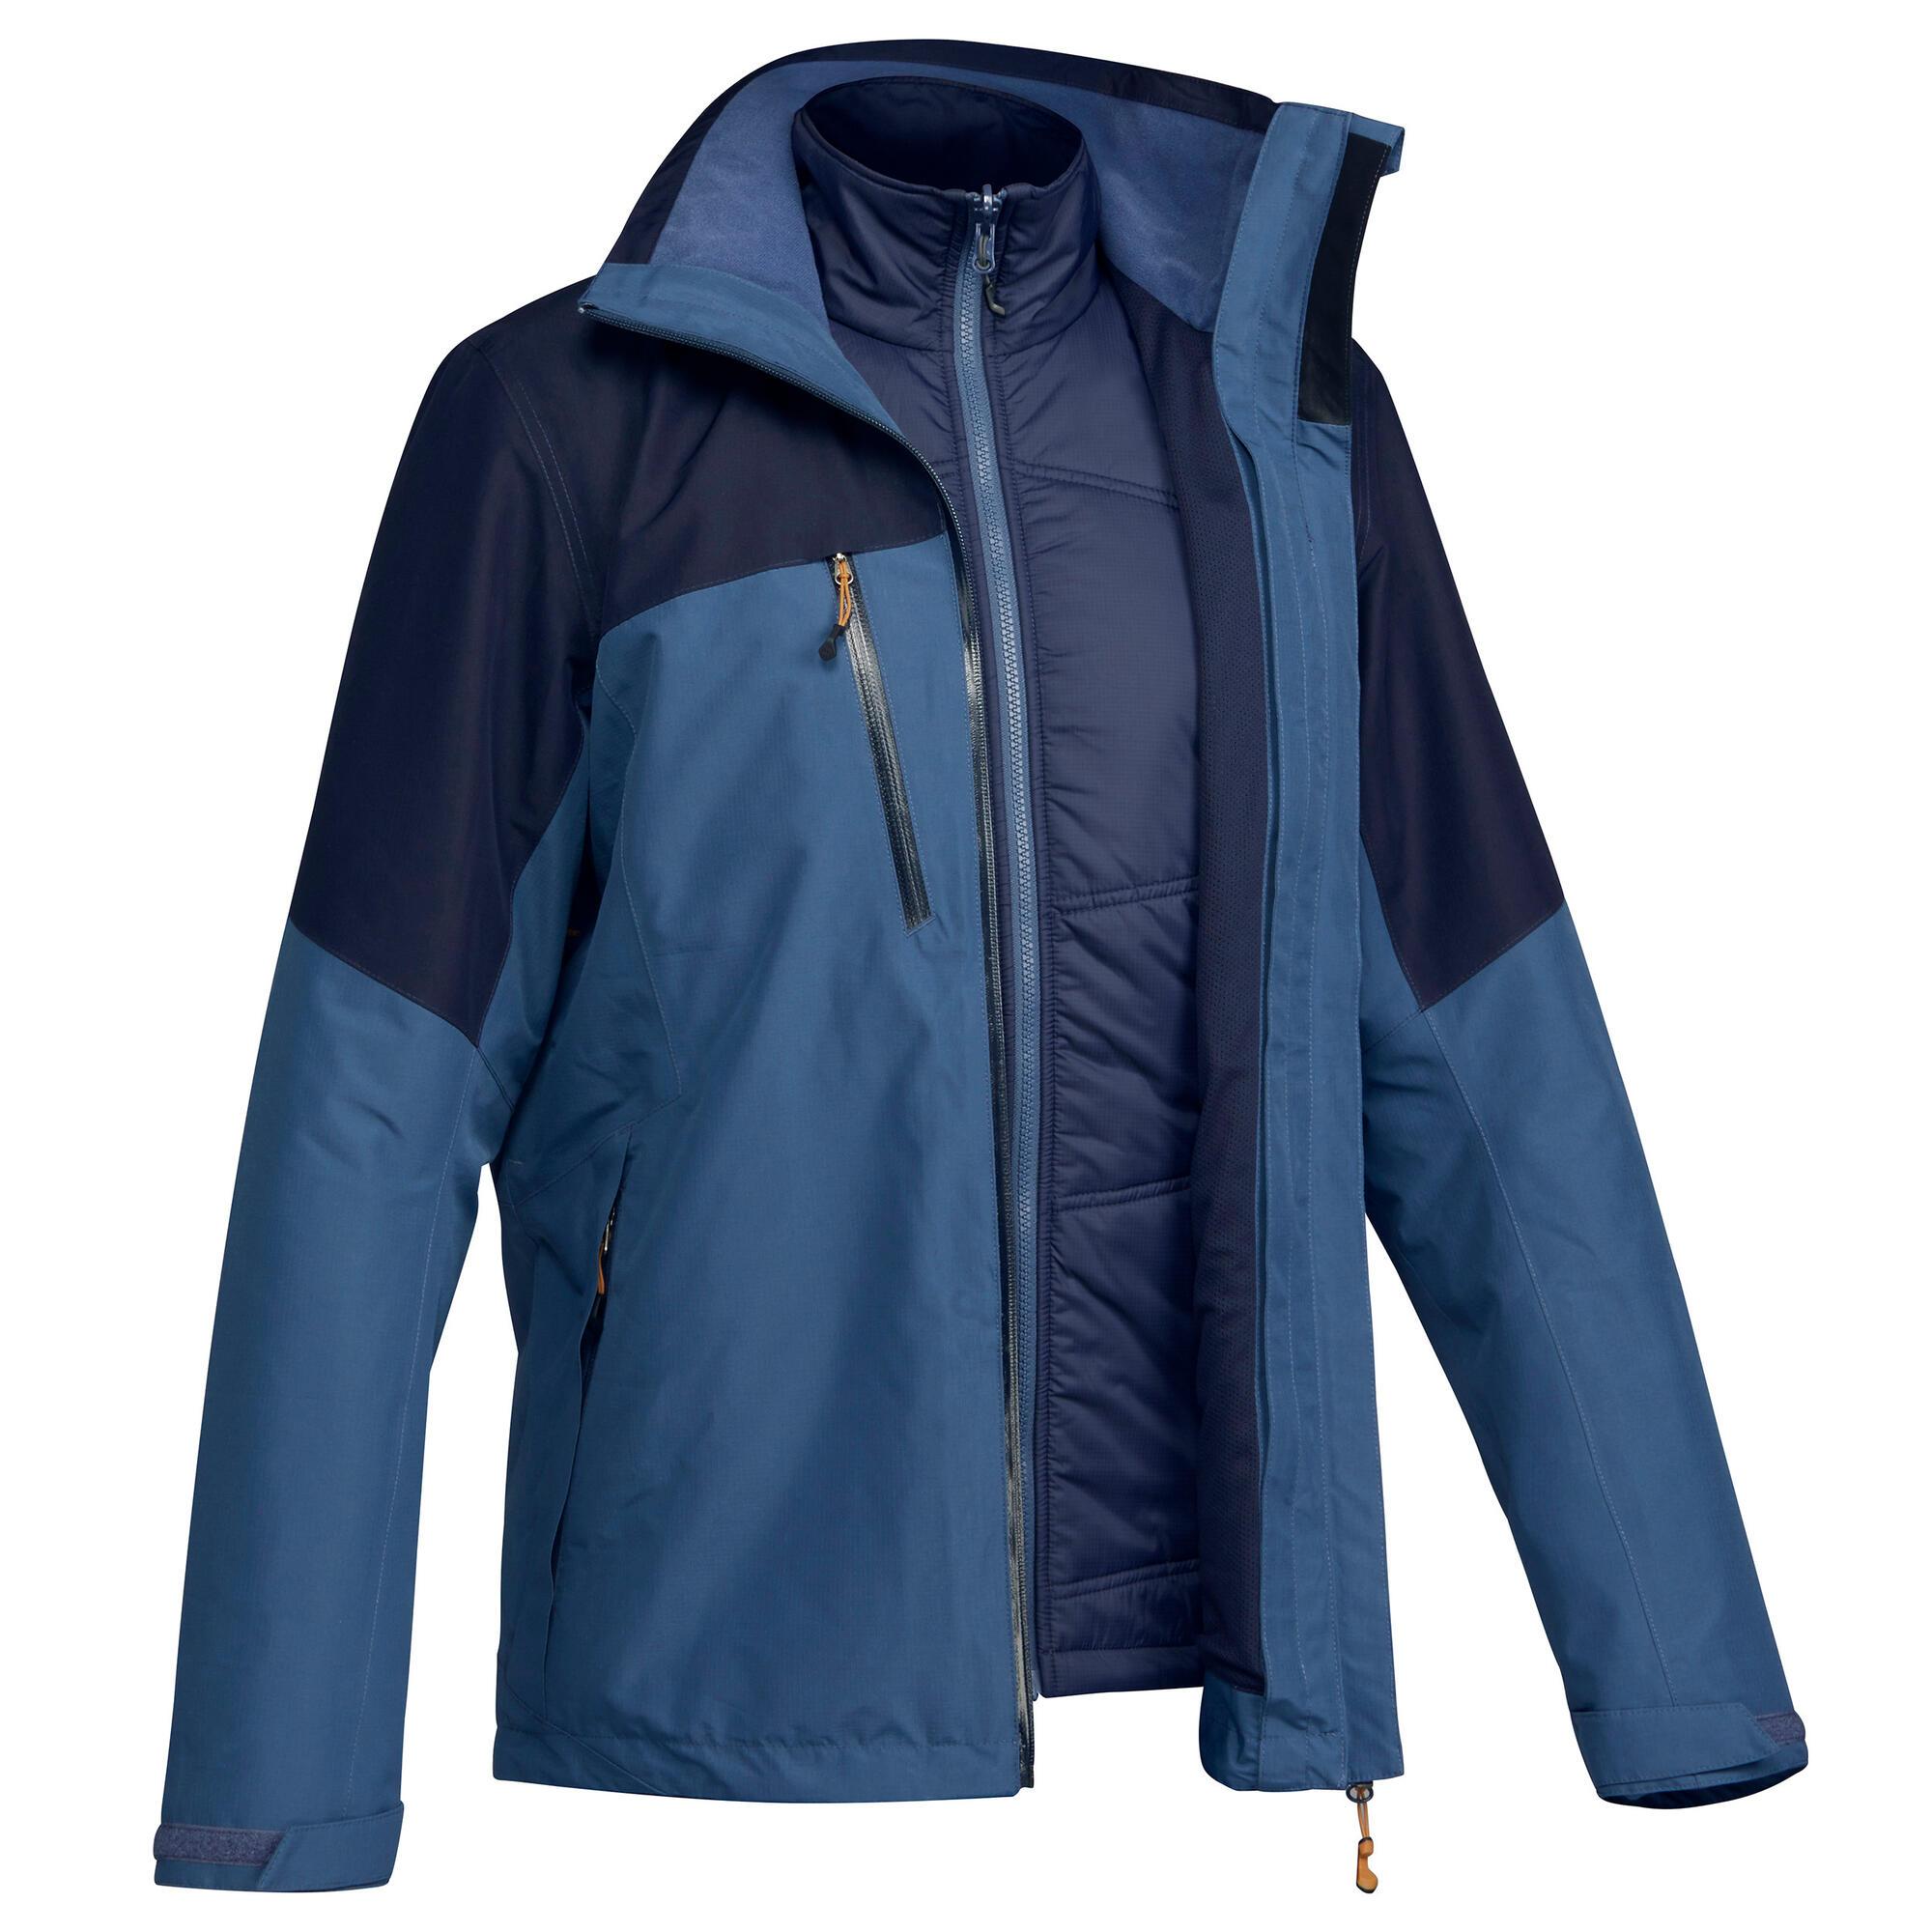 Homme 3en1 Trekking Veste Quechua Bleu Rainwarm 500 wn46W77OIq